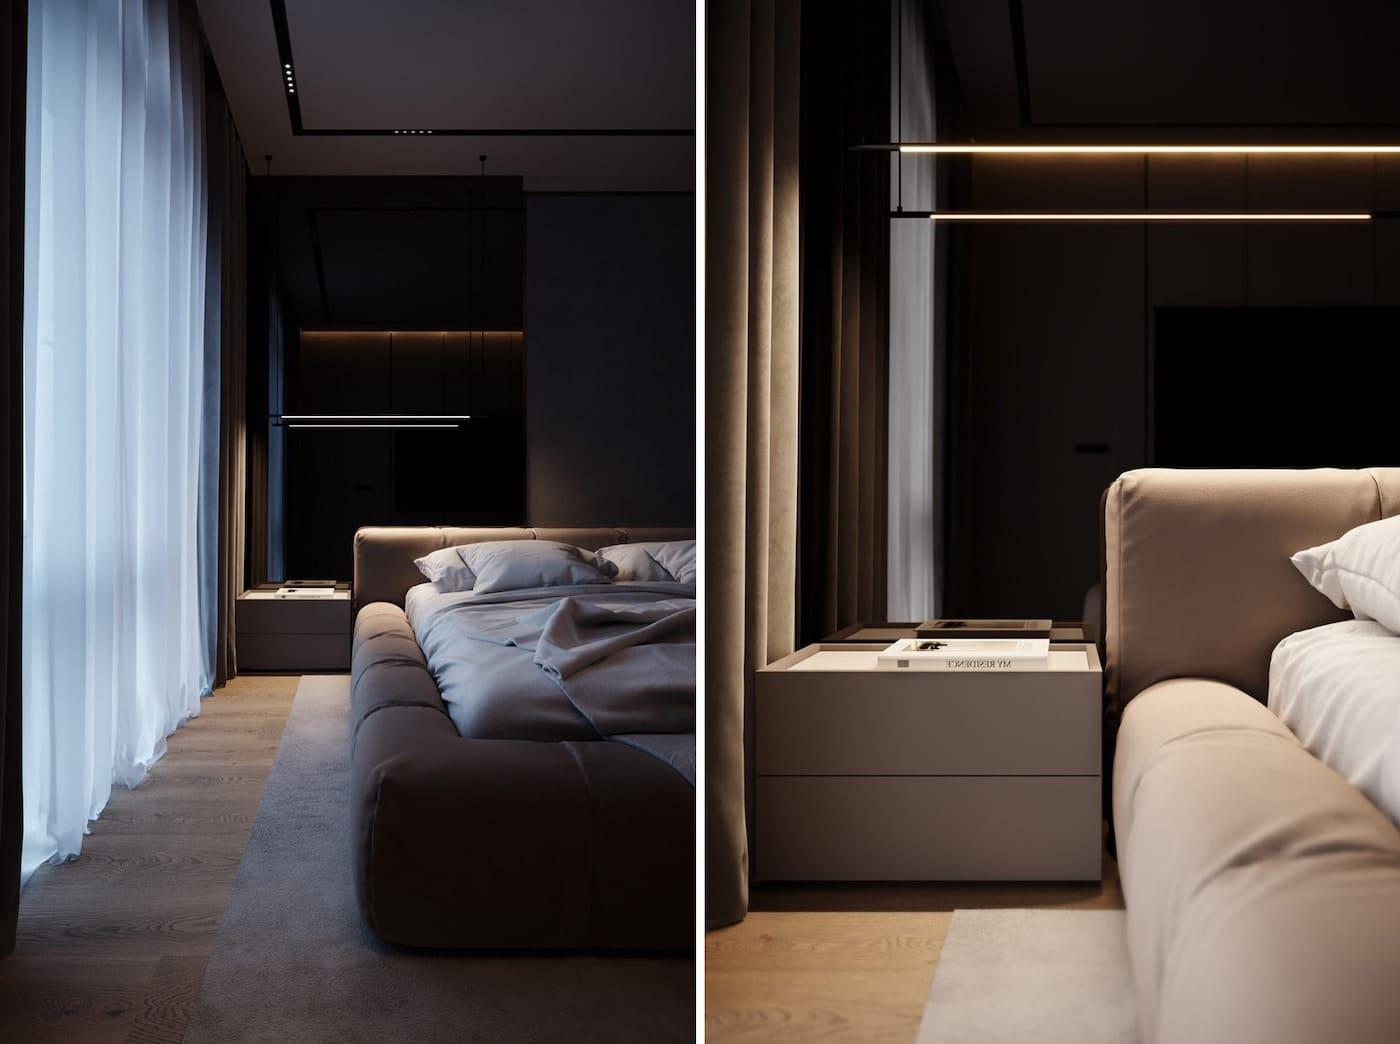 design d'intérieur d'un appartement à la mode photo 7